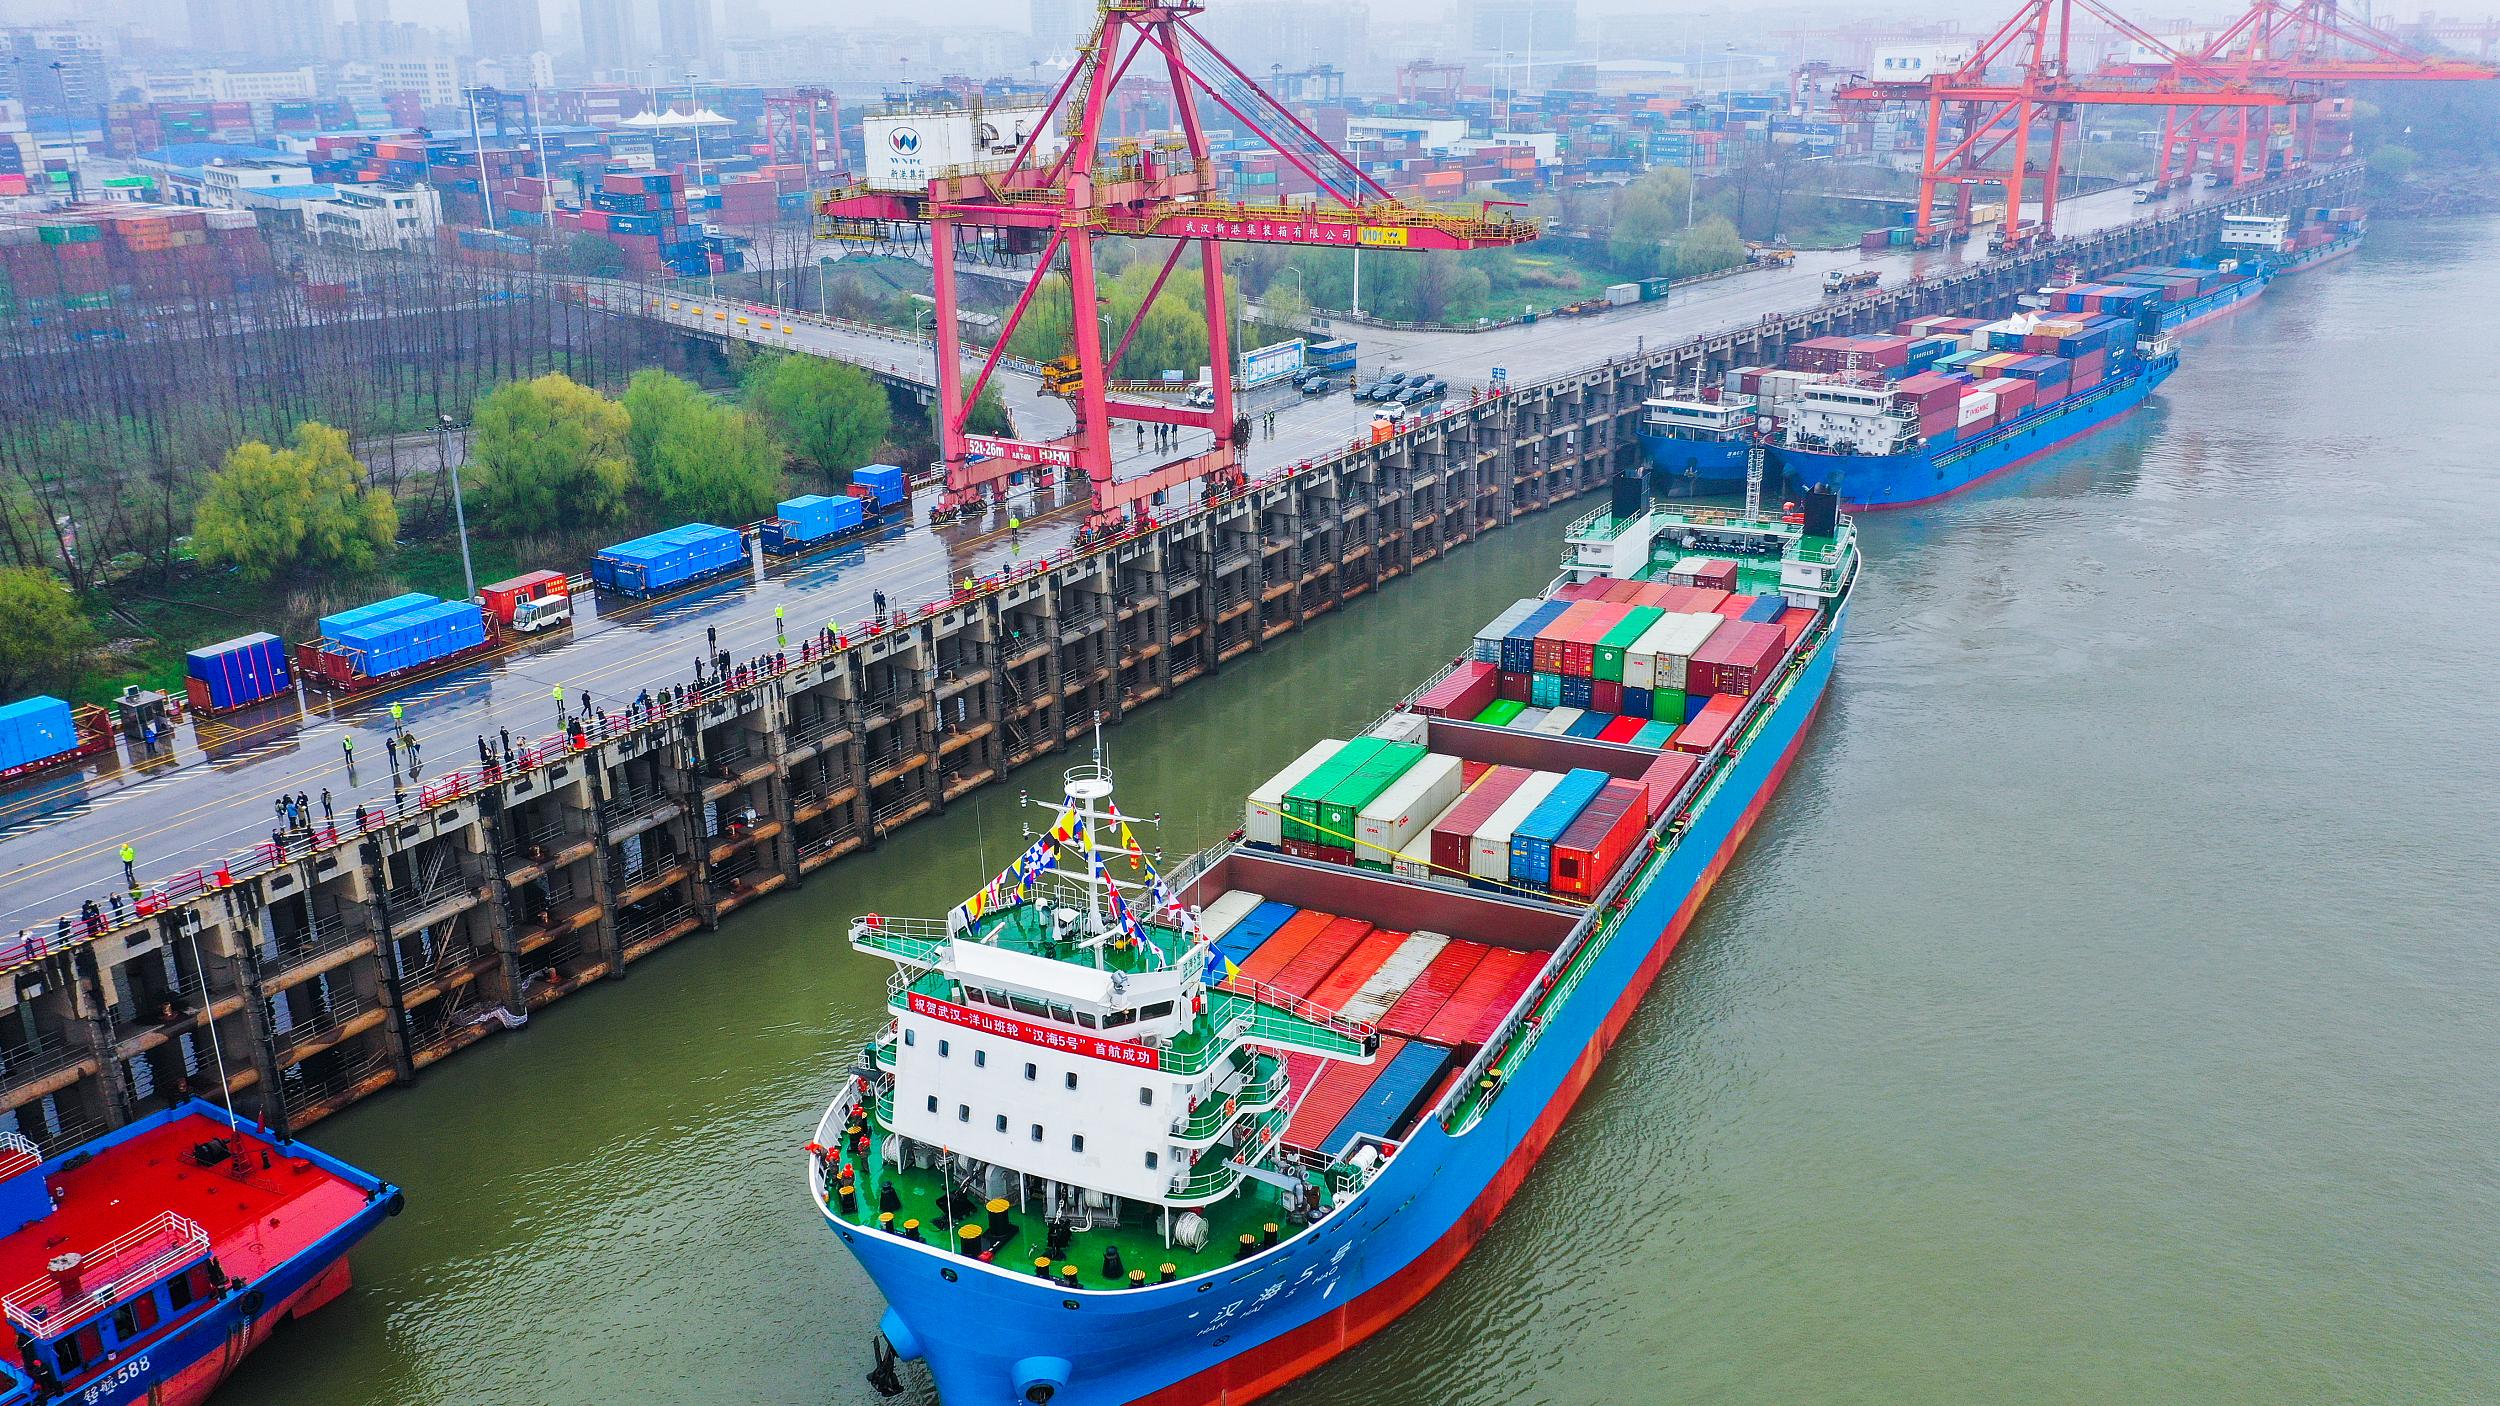 外媒关注中国经济总量已达美国七成